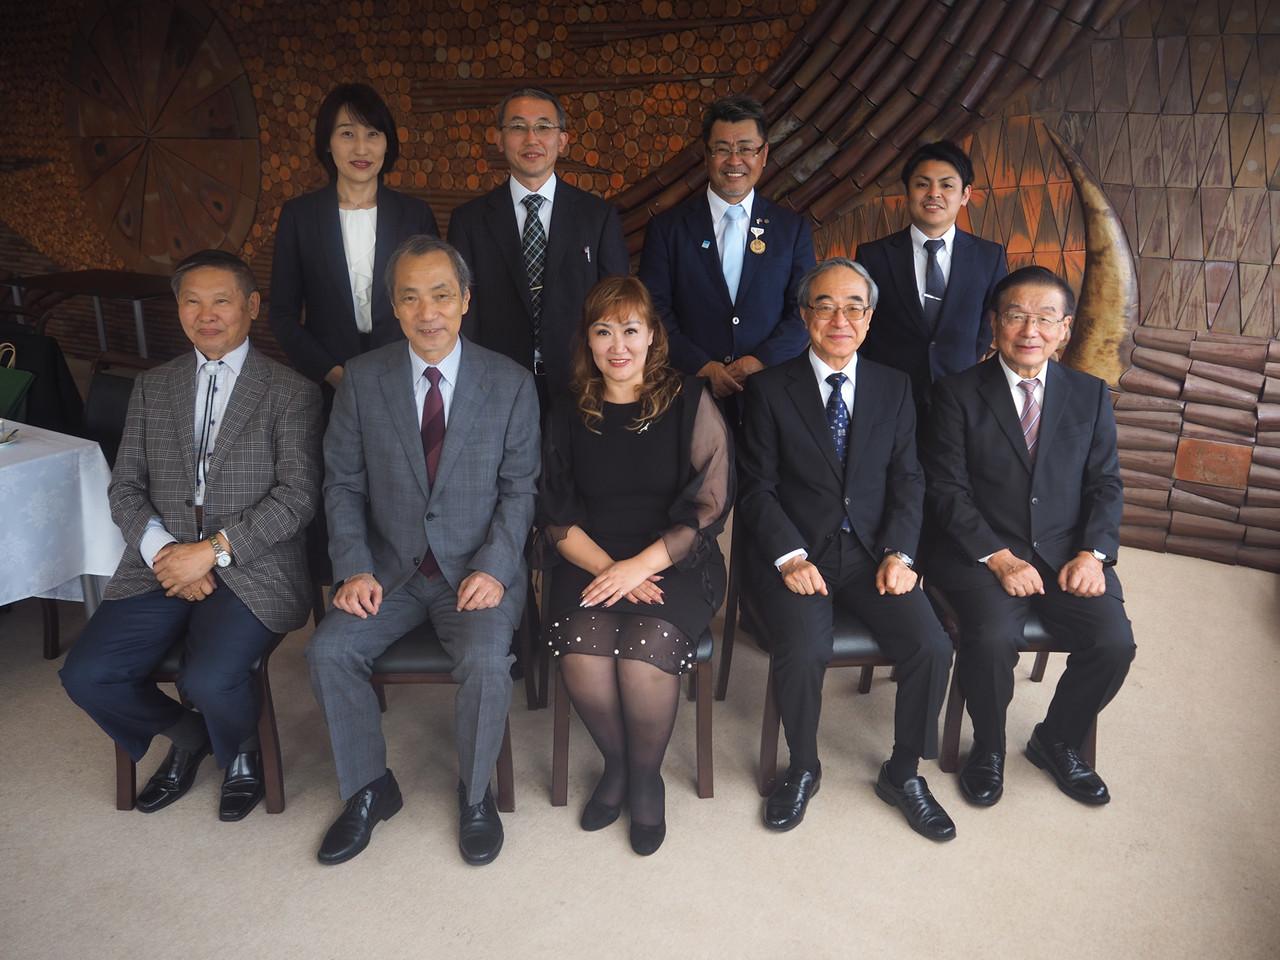 記念写真に納まるツェツェグジャルガル校長(前列中央)と柳澤学長